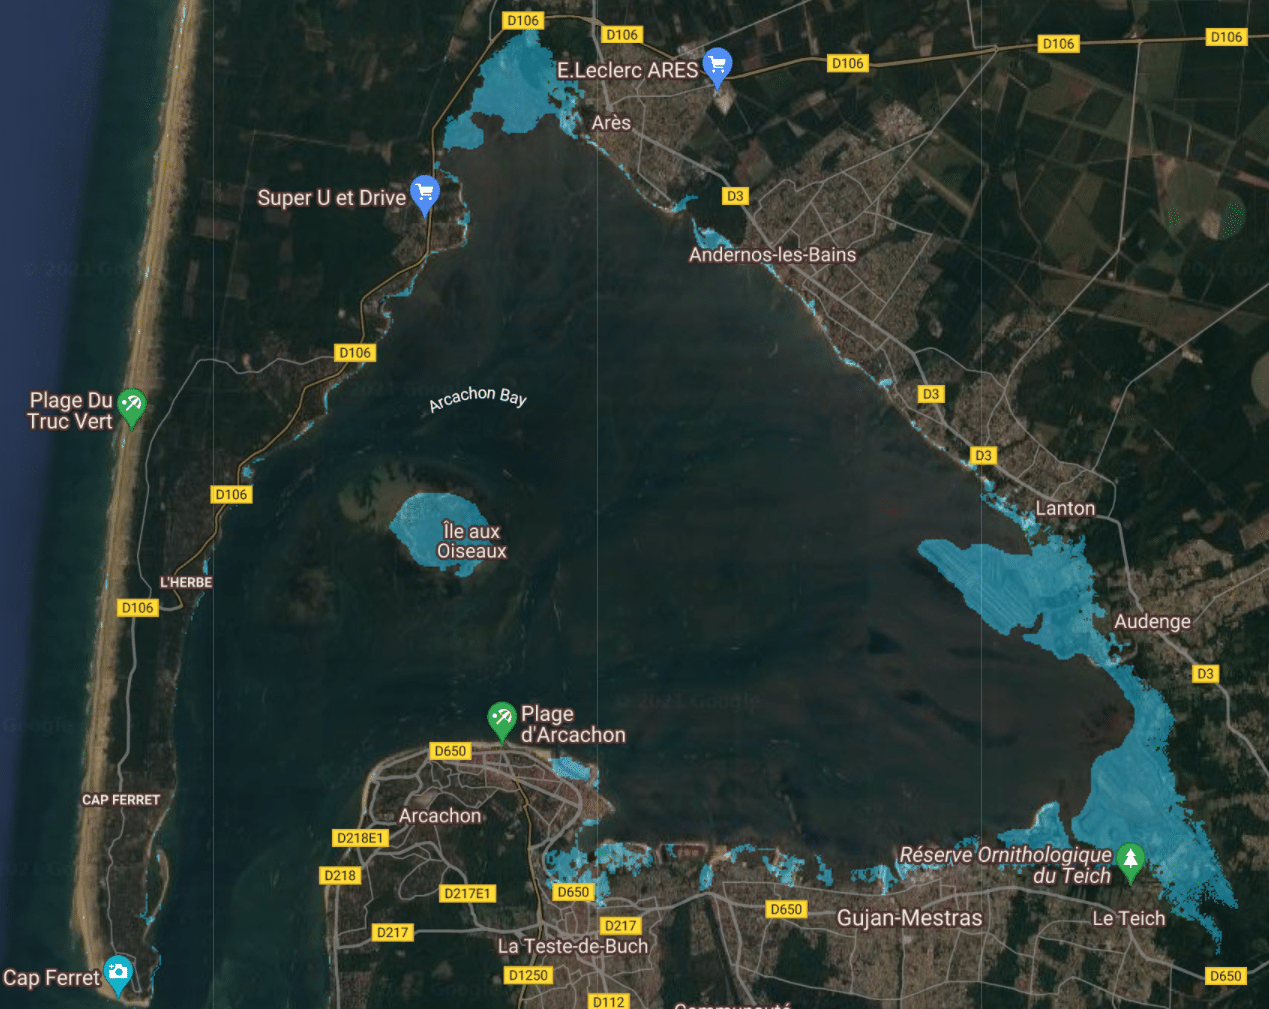 montée niveau de la mer france bassin arcachon 1